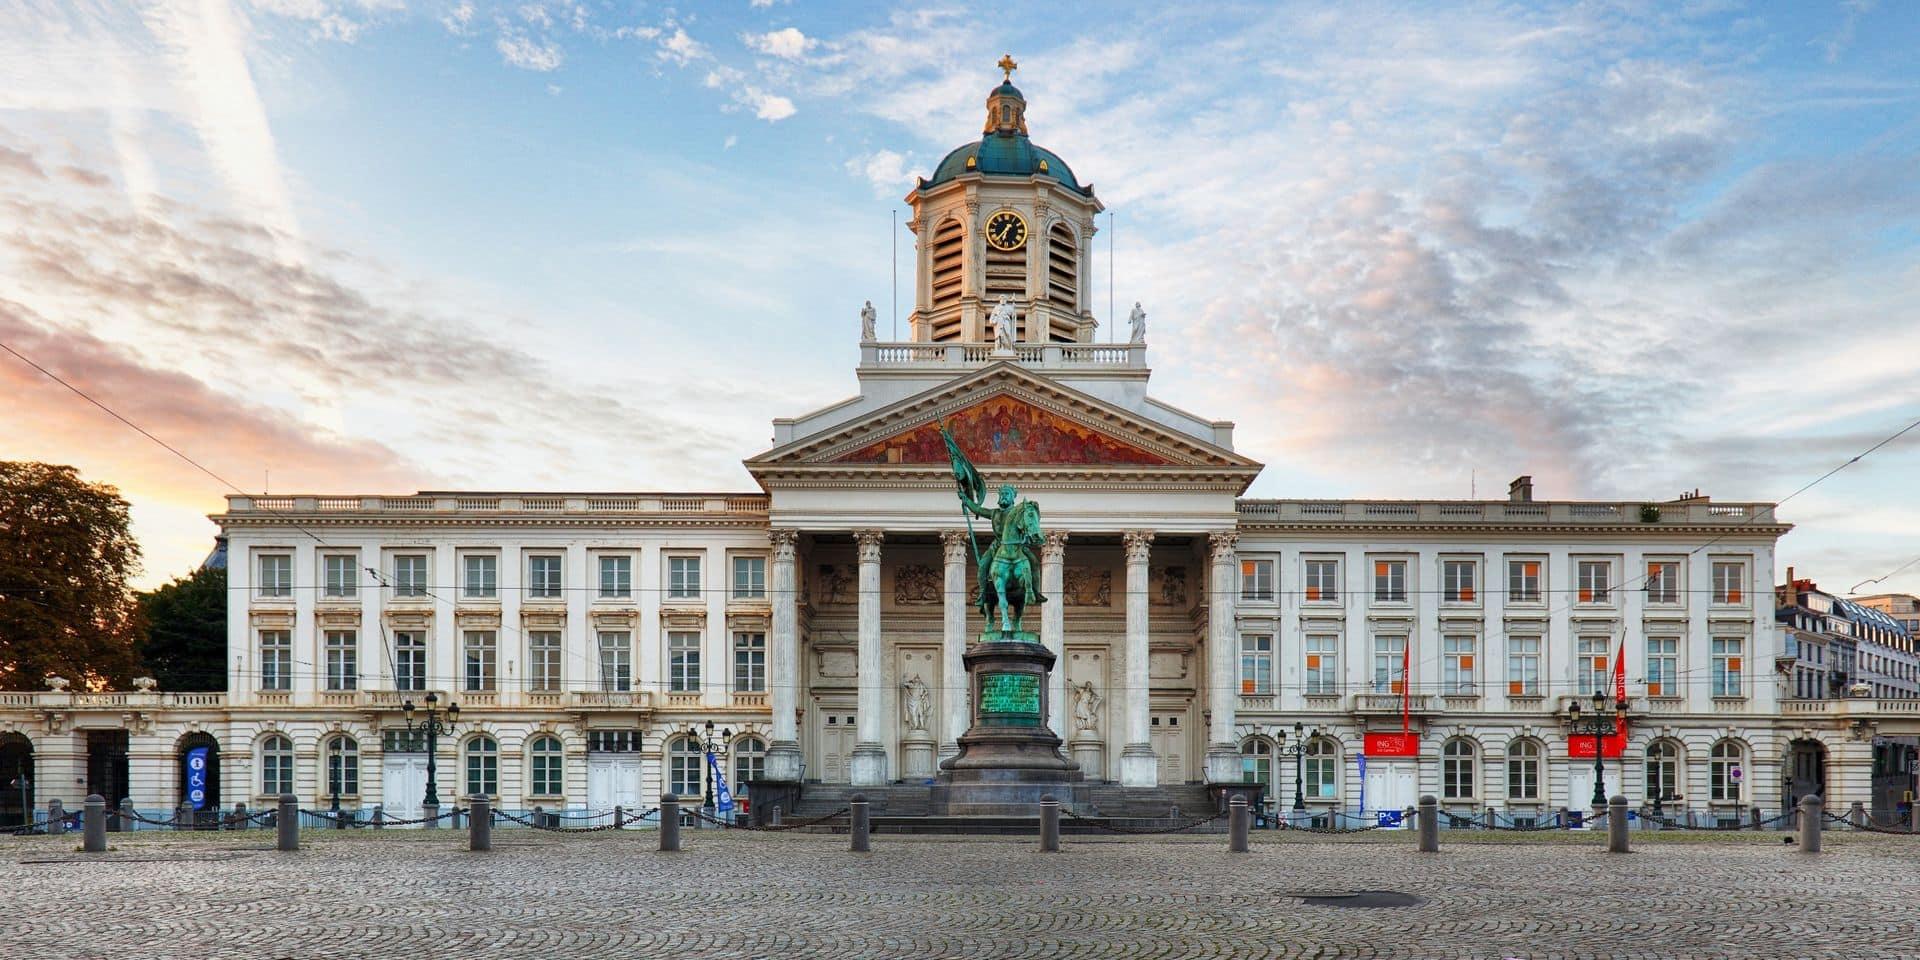 Un nouveau projet de réaménagement de la Place Royale soumis à une enquête publique